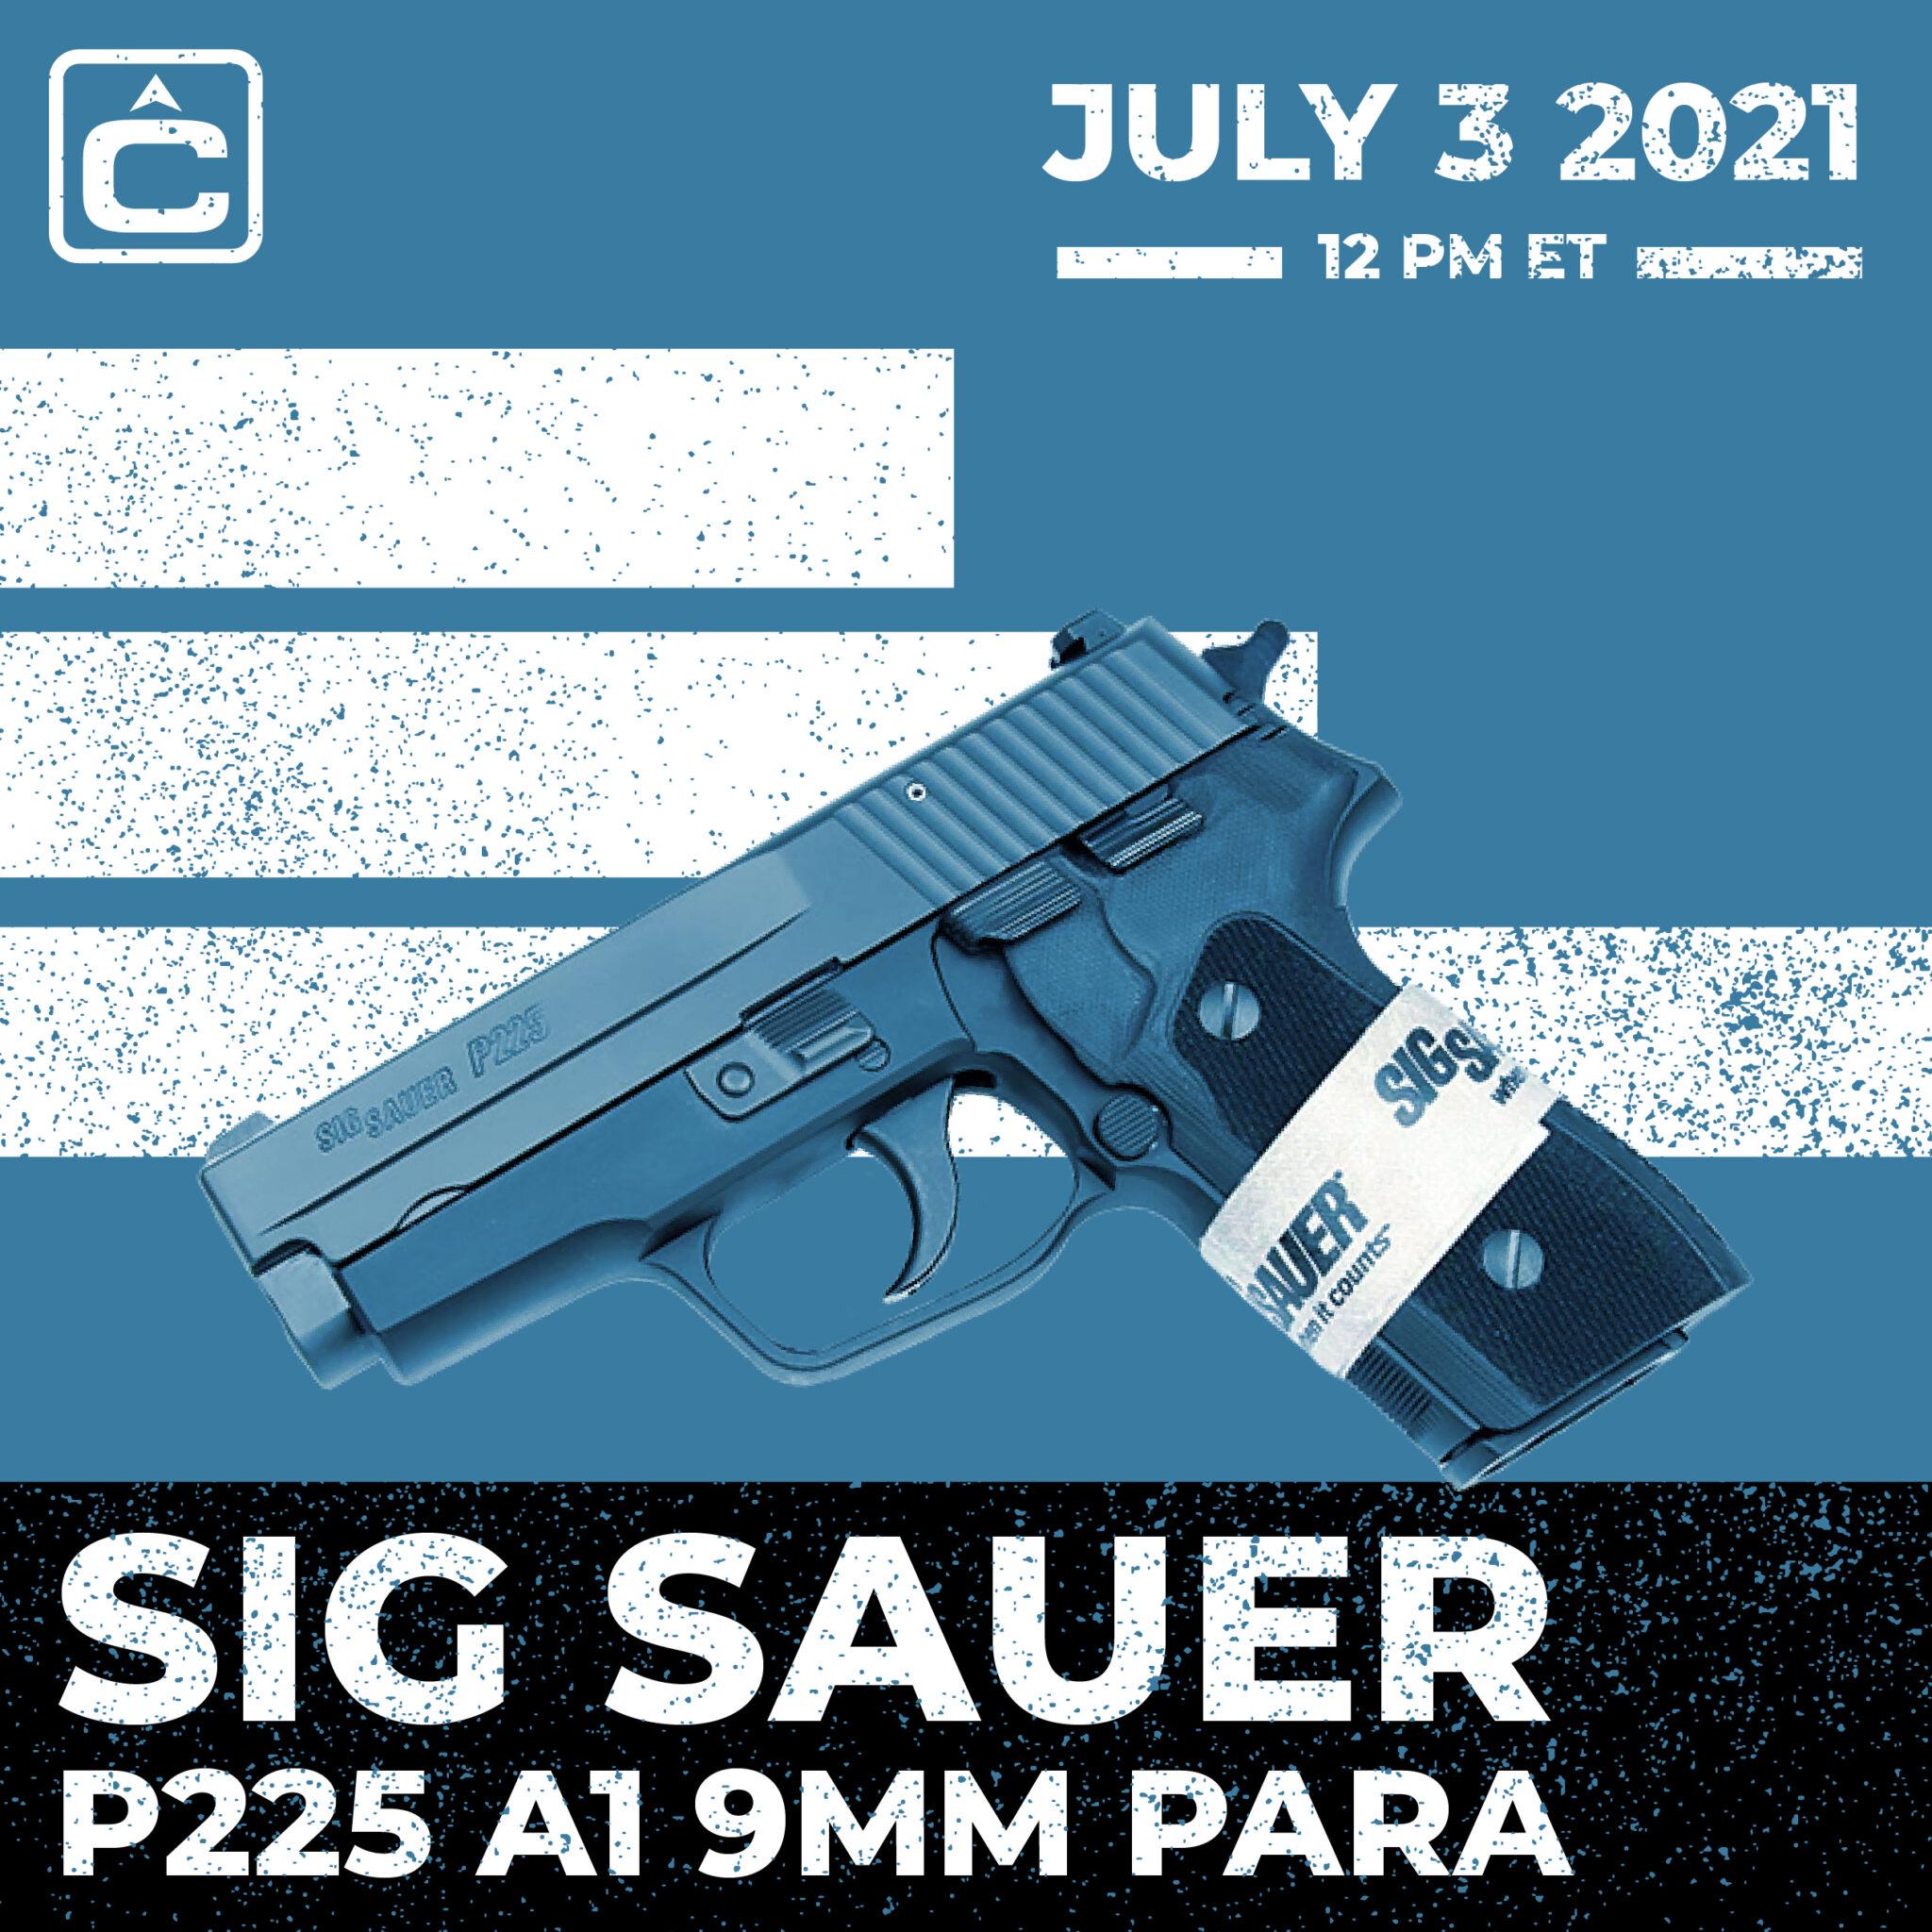 SIG SAUER P225 A1 9MMM PARA